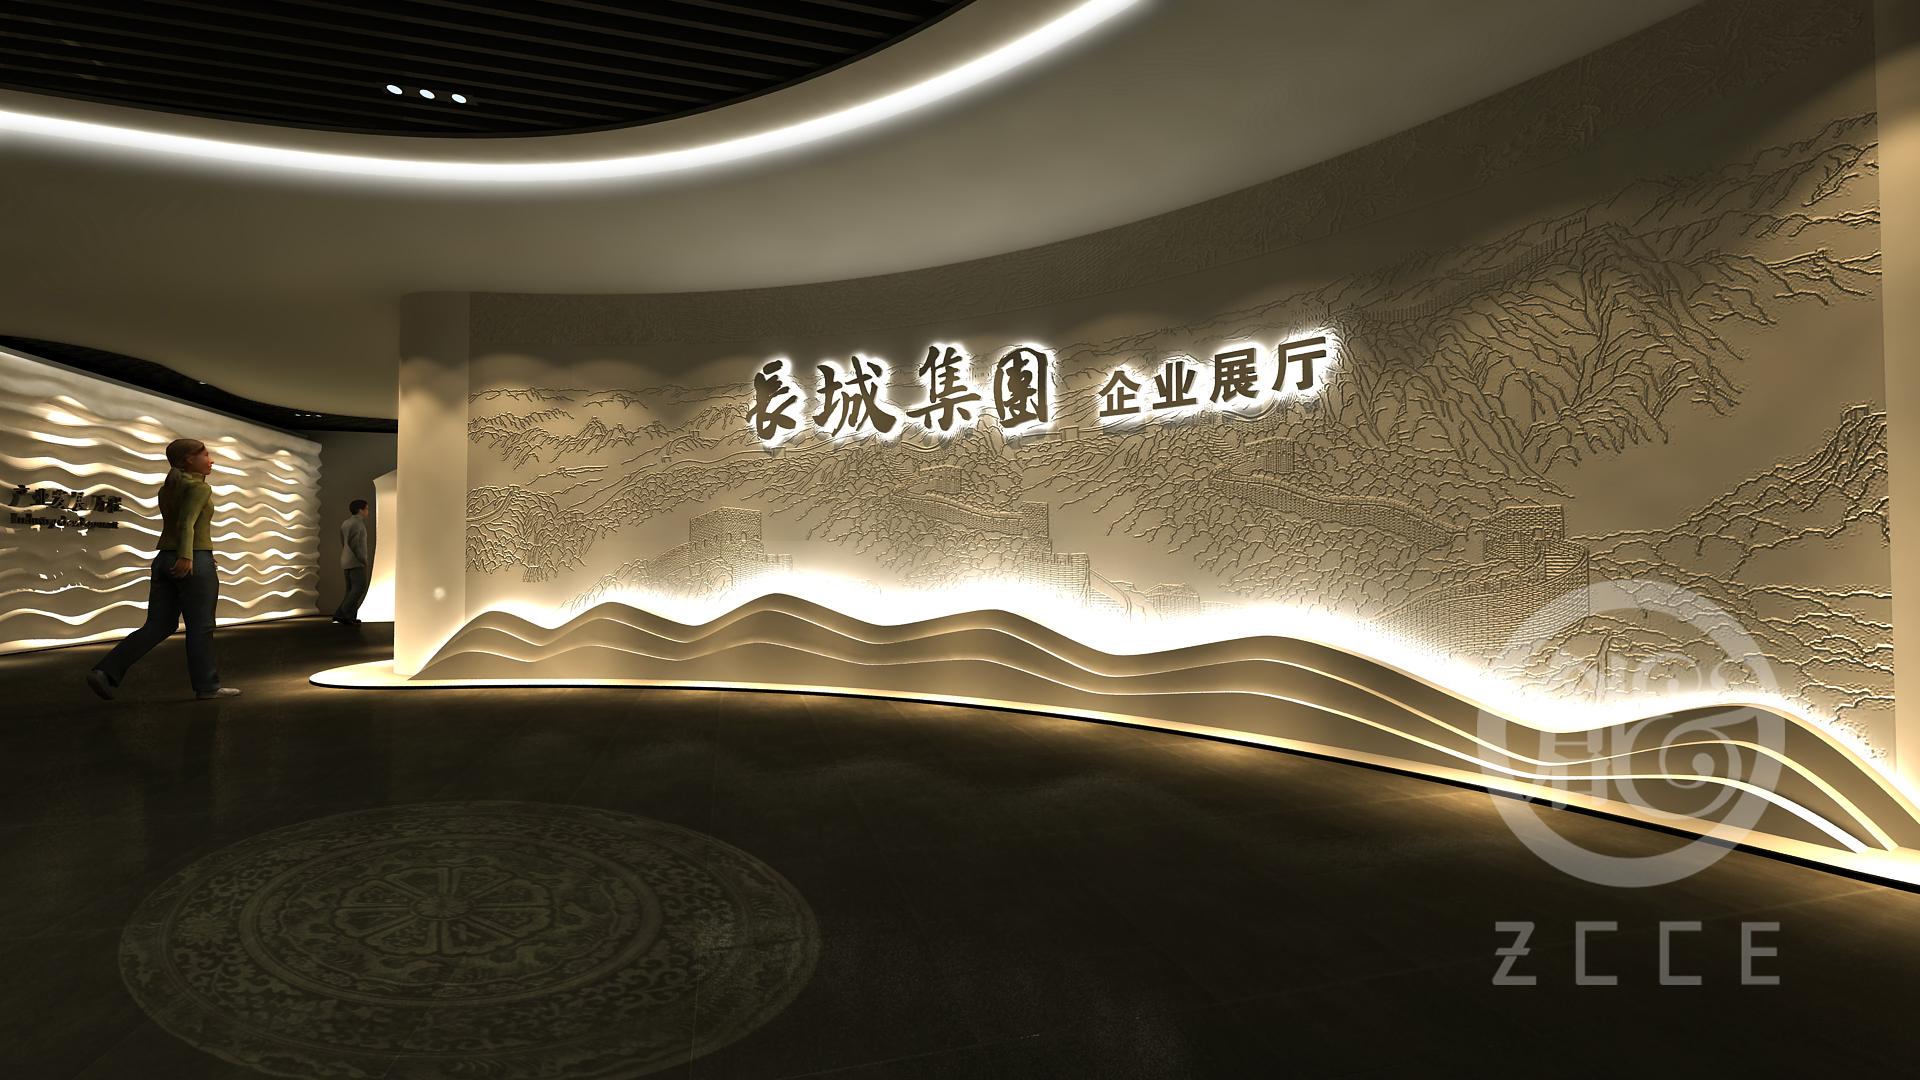 郑州长城陶瓷艺术馆